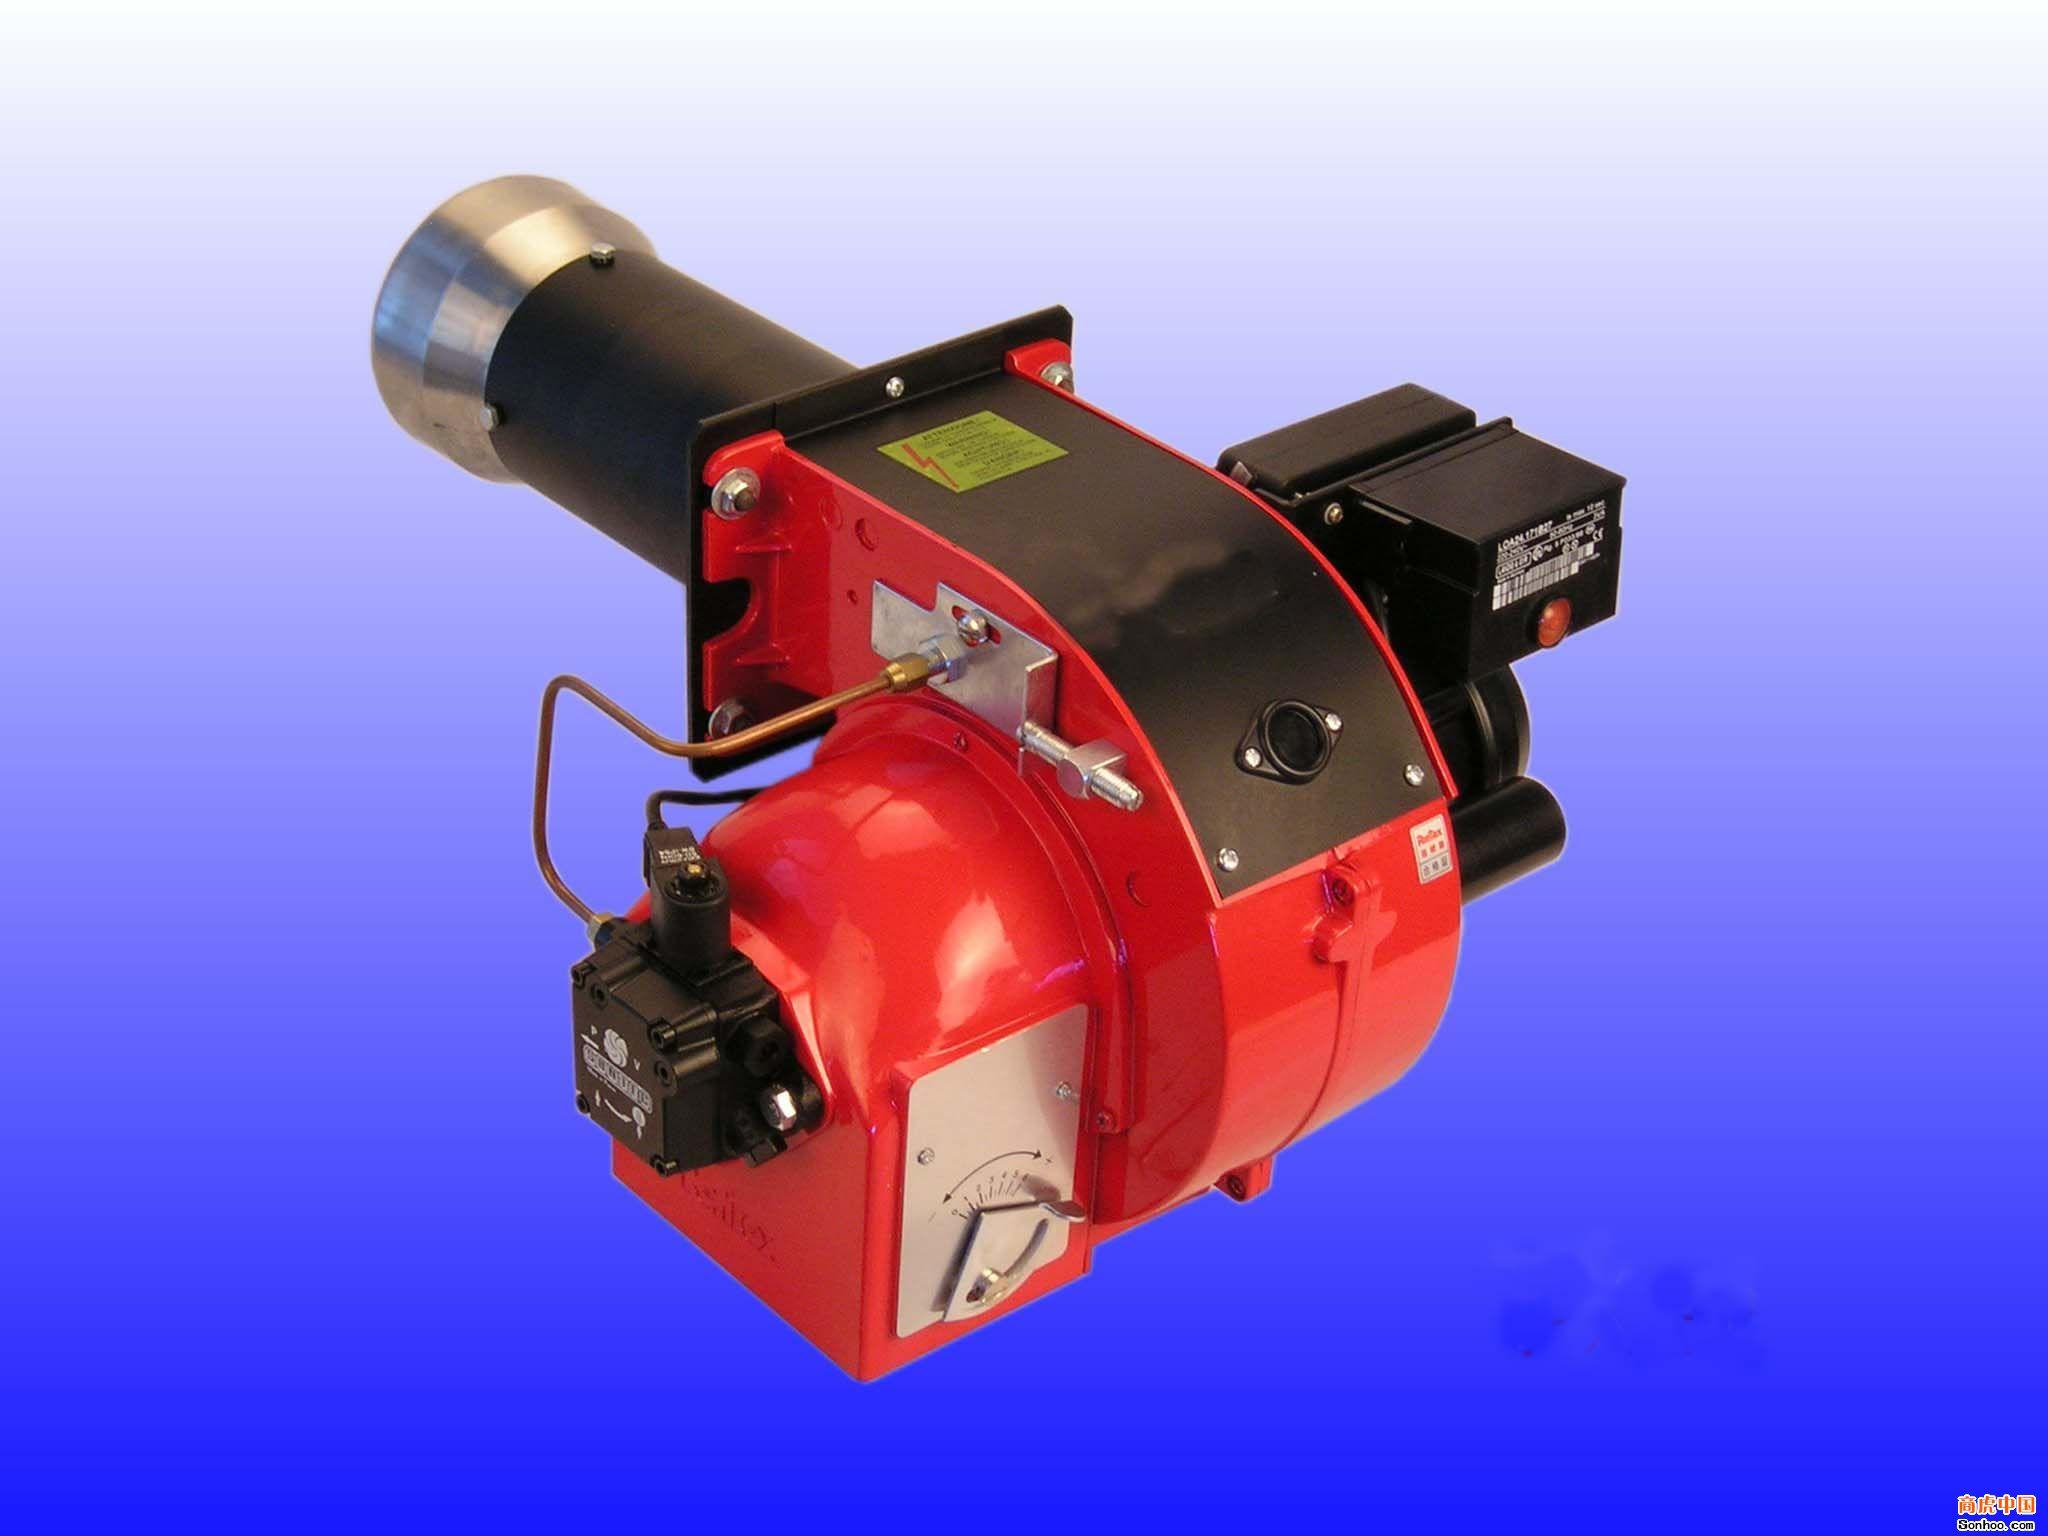 意大利尤尼瓦斯燃烧器加工:【推荐】贵诺燃烧设备公司供应意大利尤尼瓦斯燃烧器